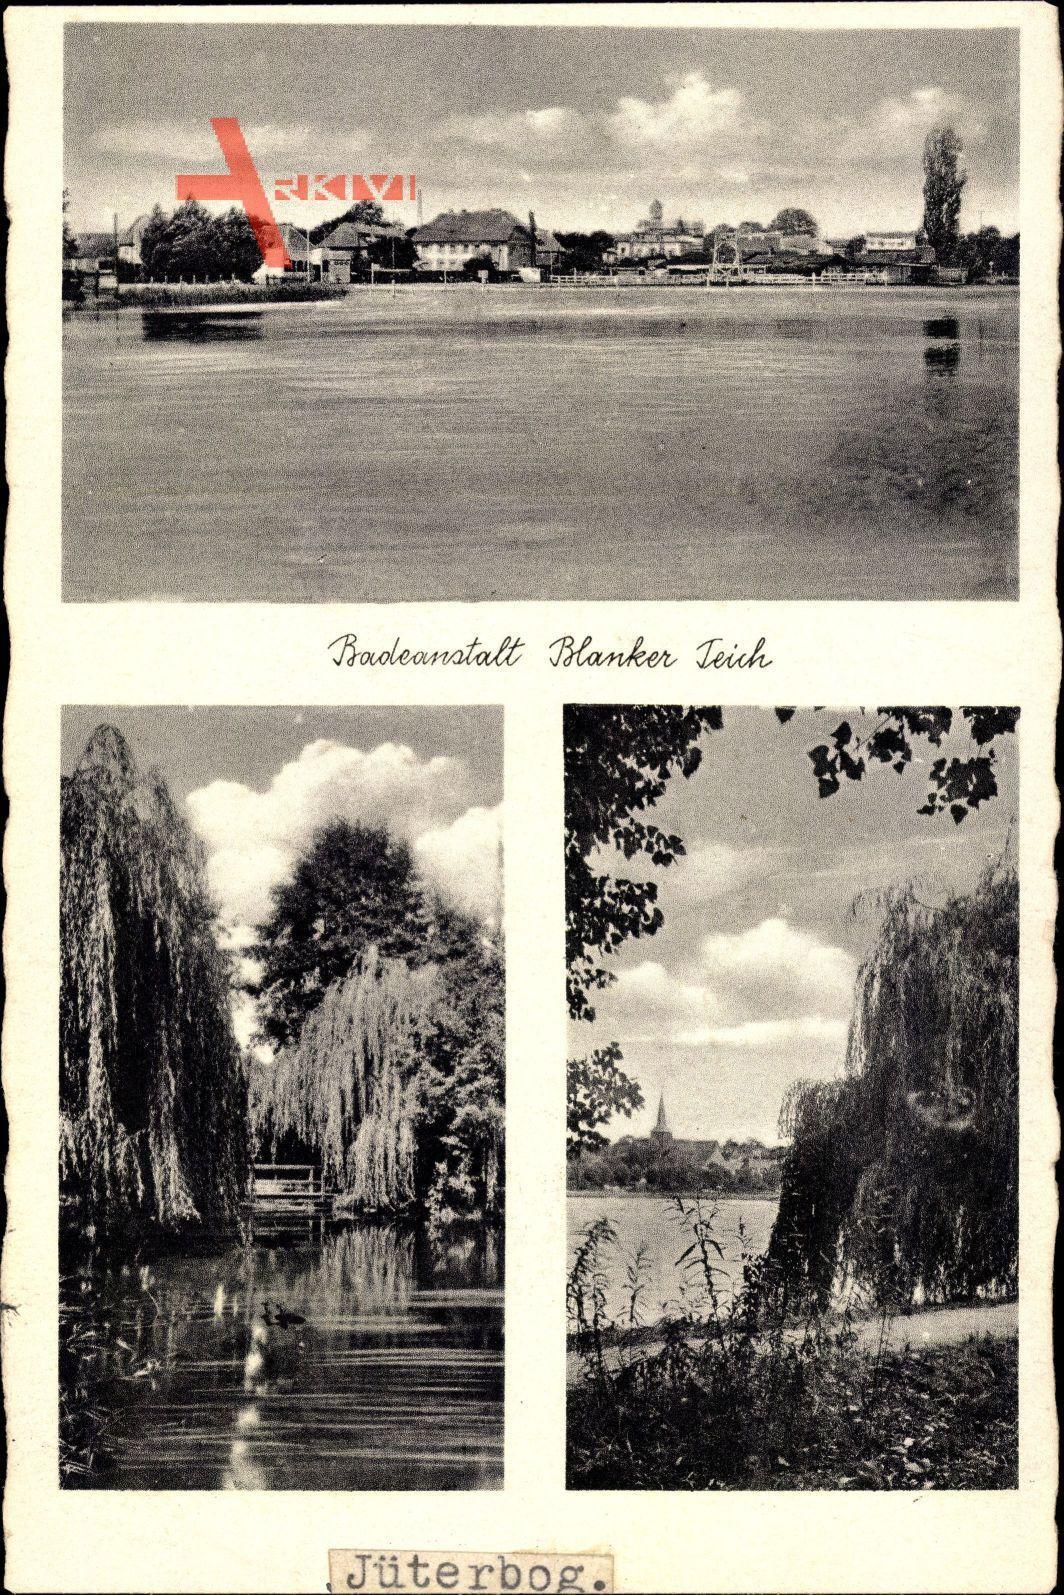 Jüterborg im Kreis Teltow Fläming, Badeanstalt Blanker Teich